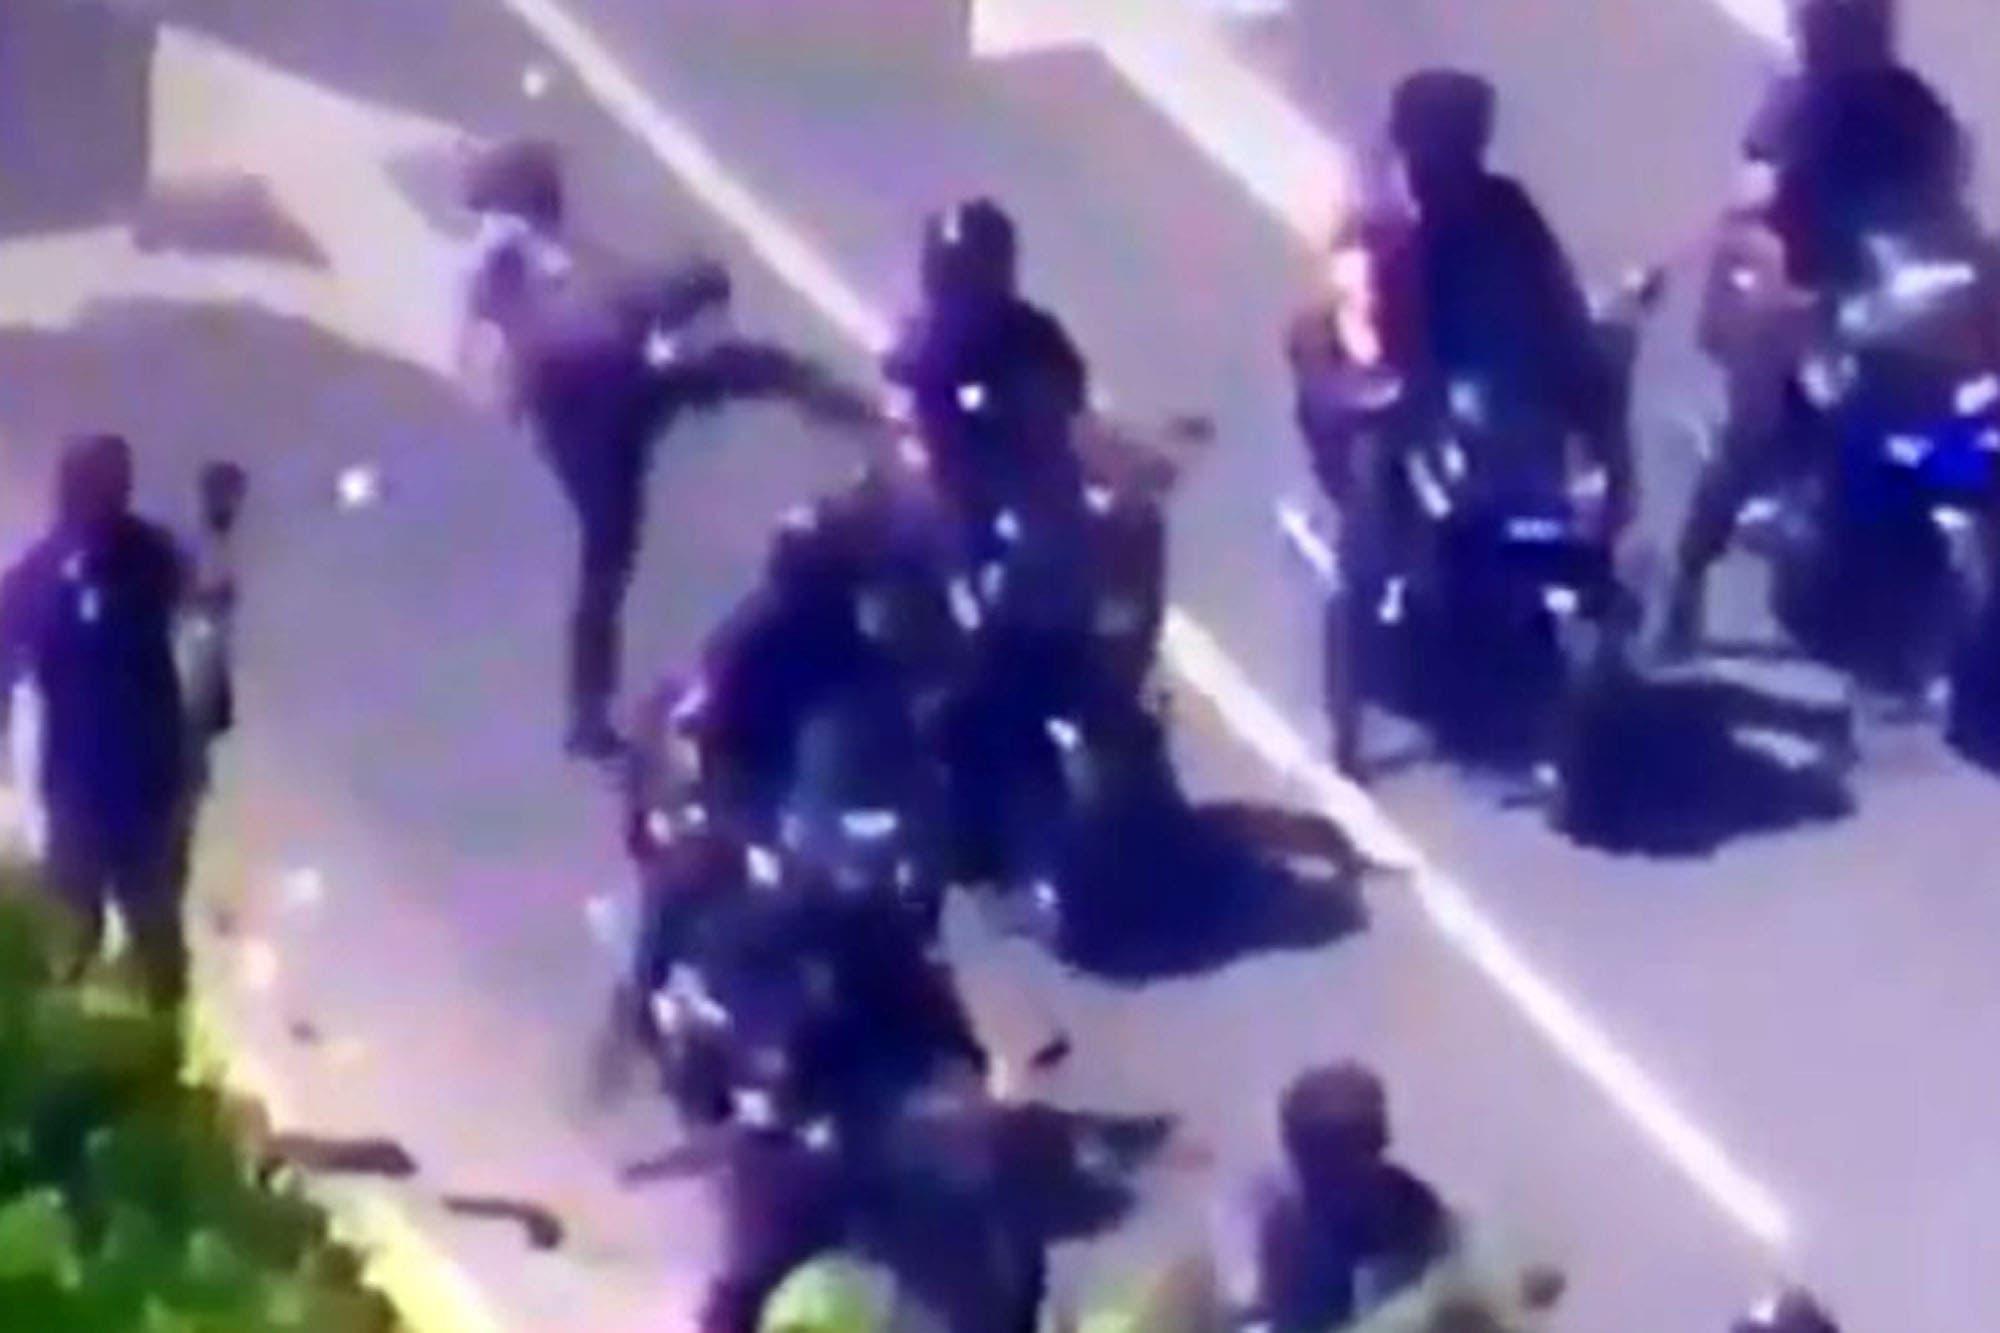 La muerte de Maradona: un manifestante pateó a un policía y lo tiró de la moto